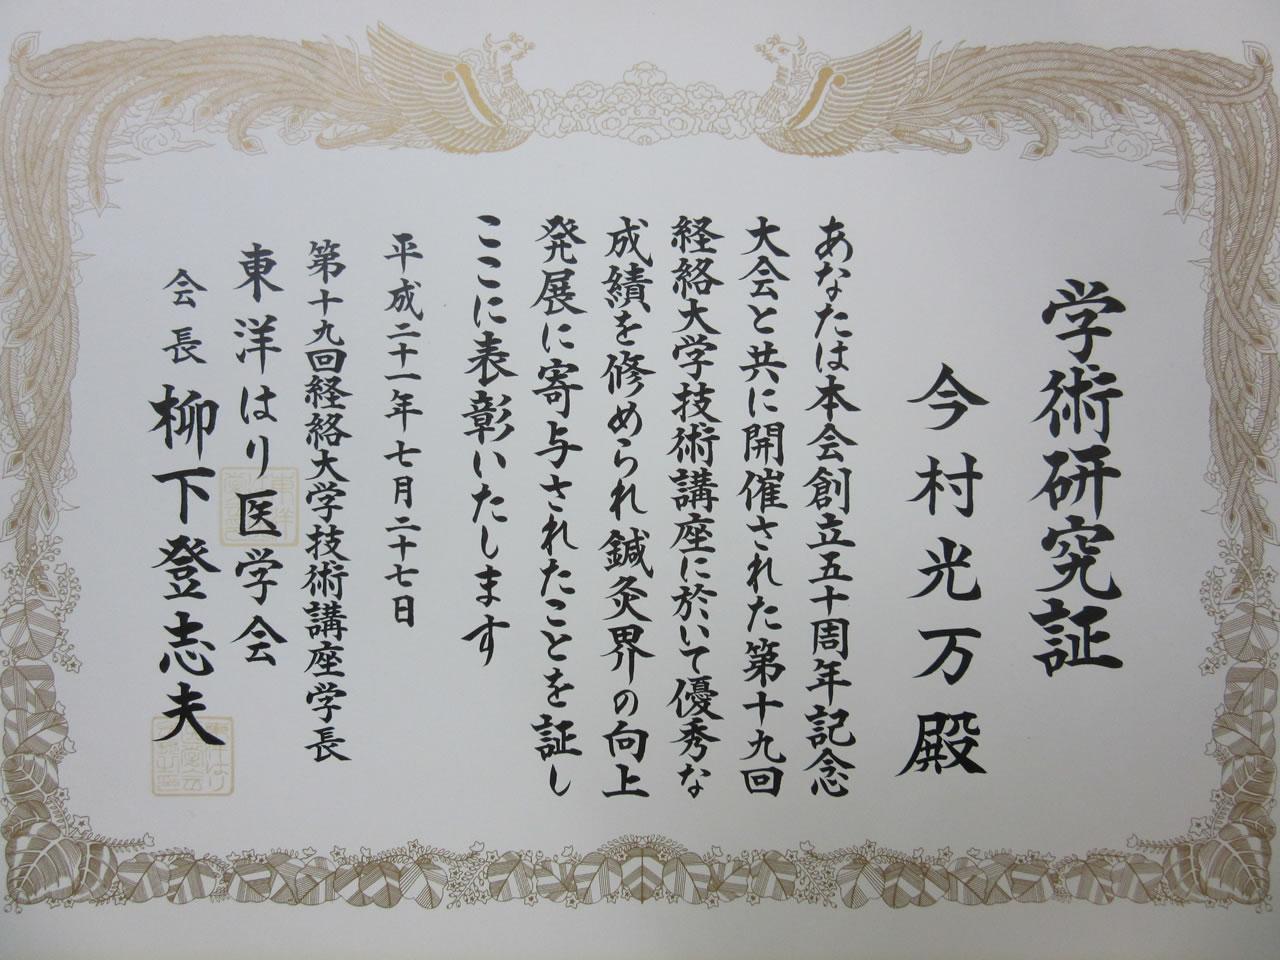 東洋はり医学会 創立50周年記念大会の 学術研究証